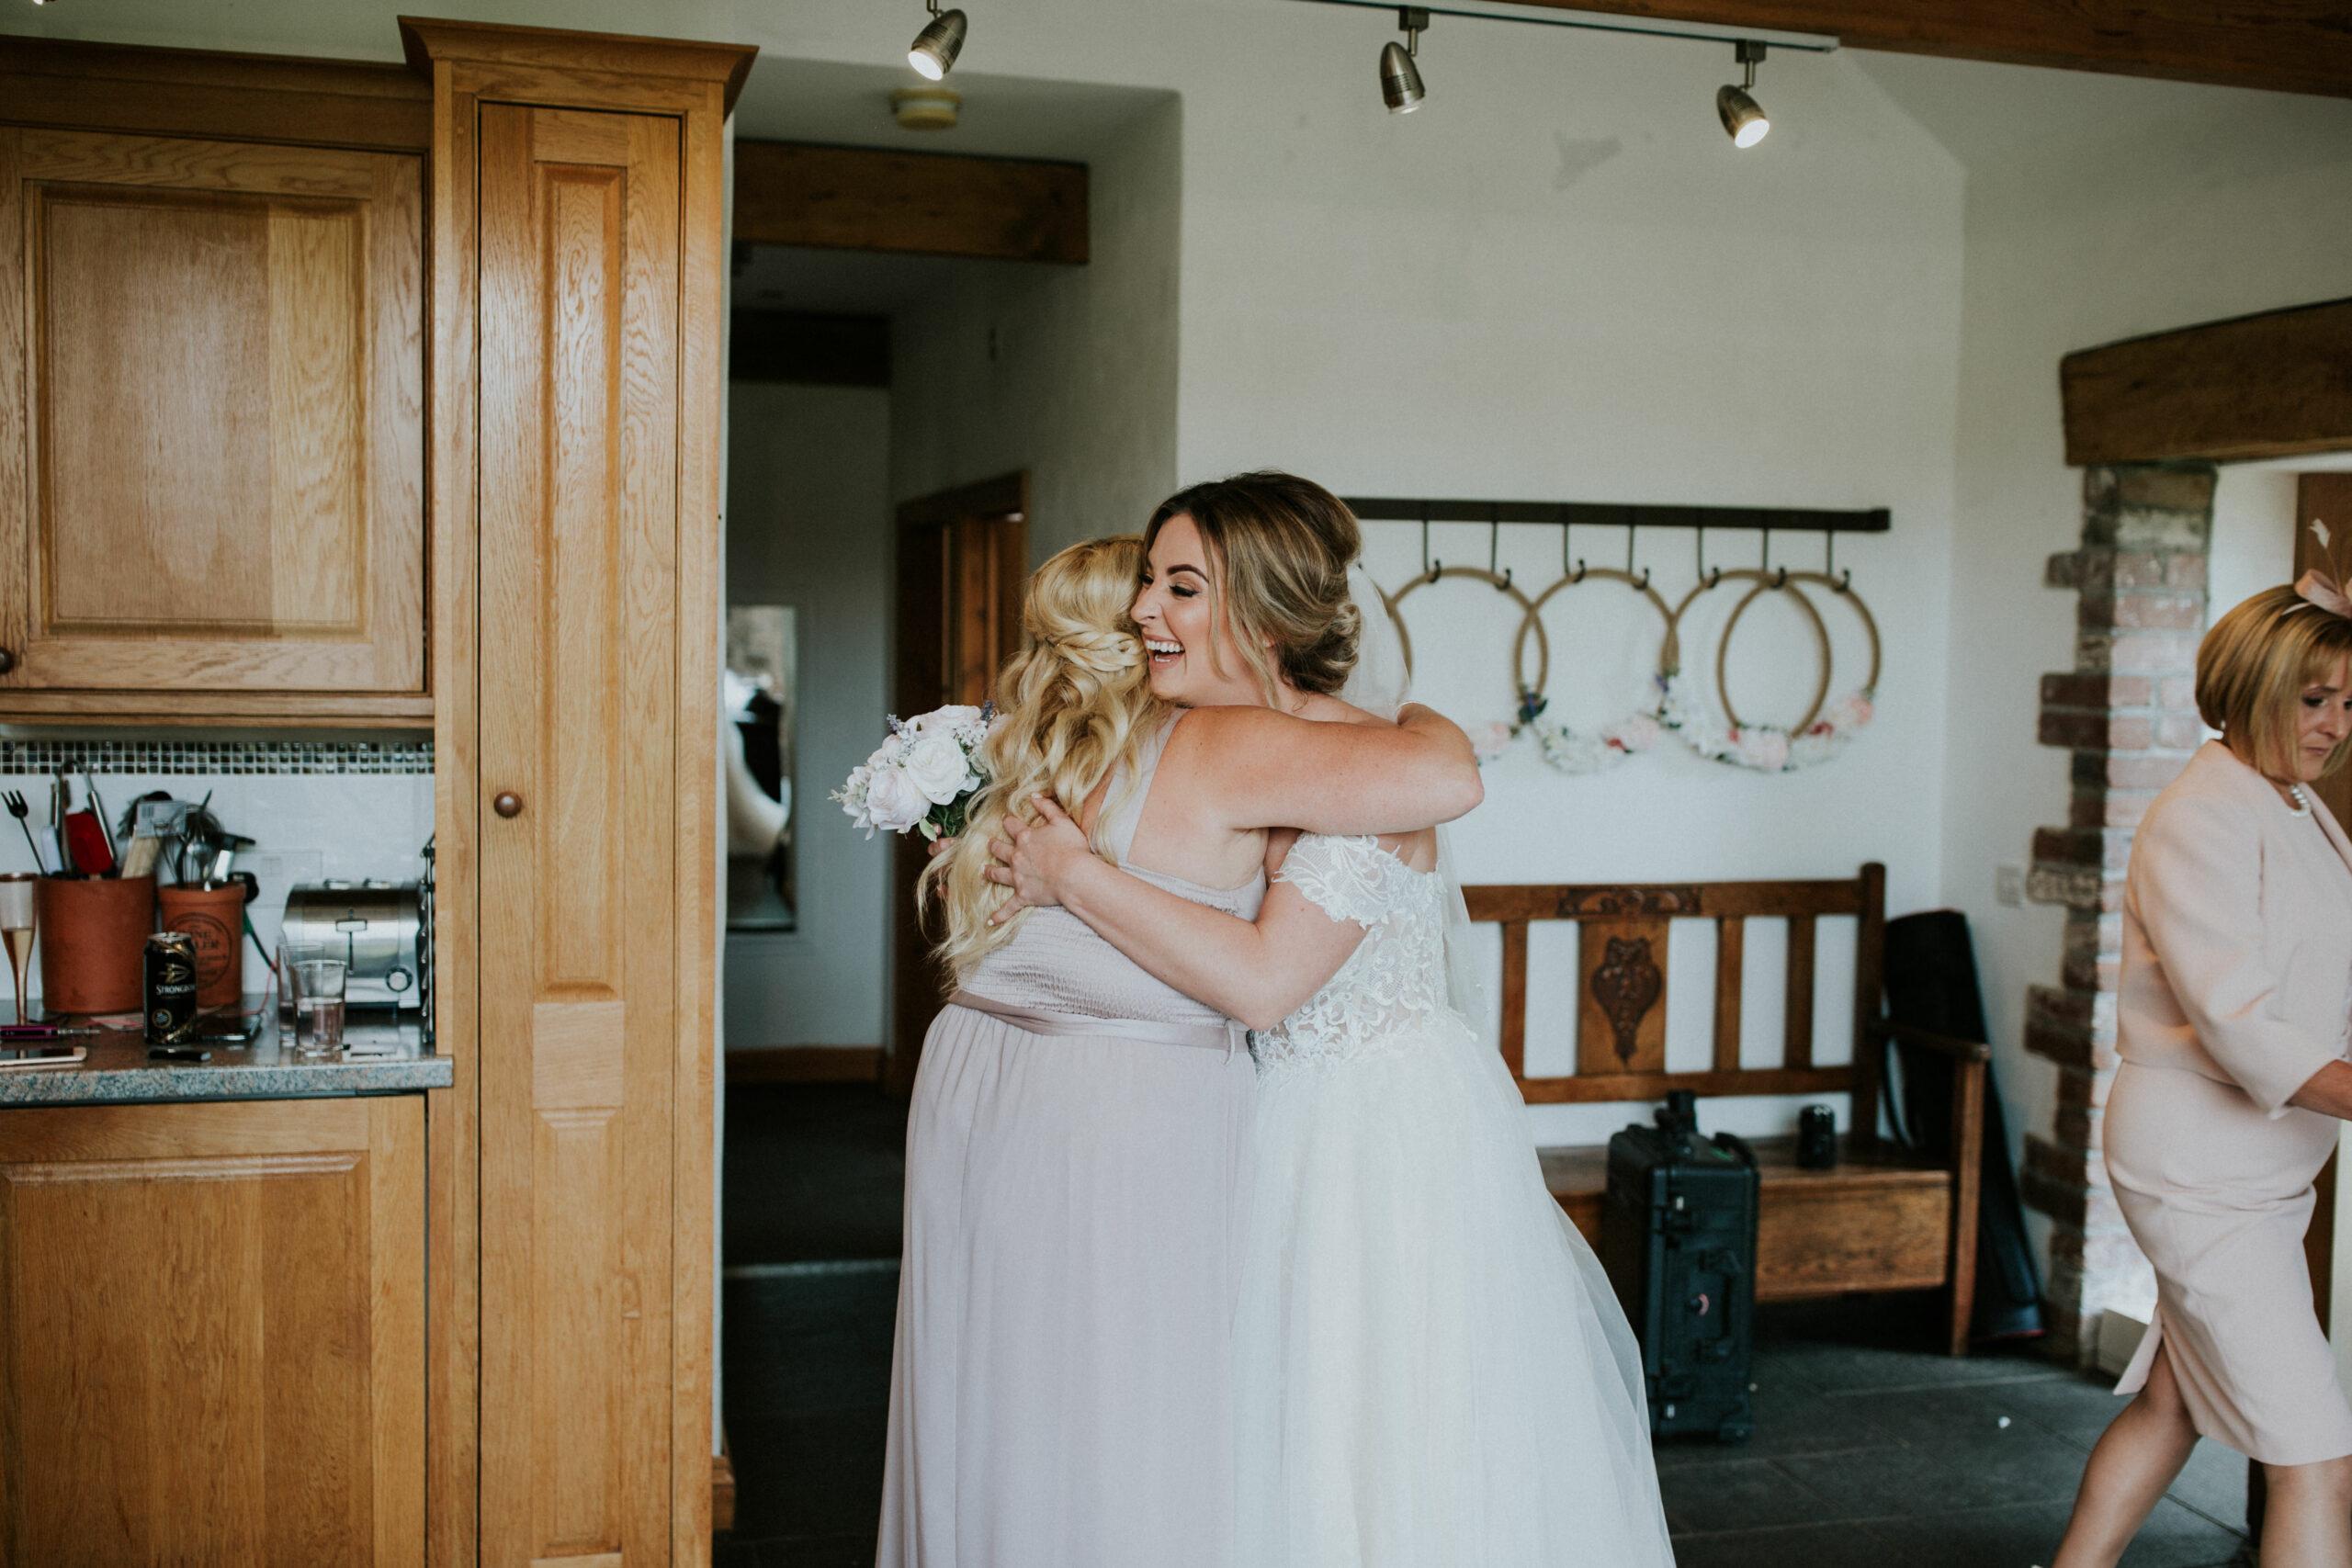 bridesmaid hugging the bride